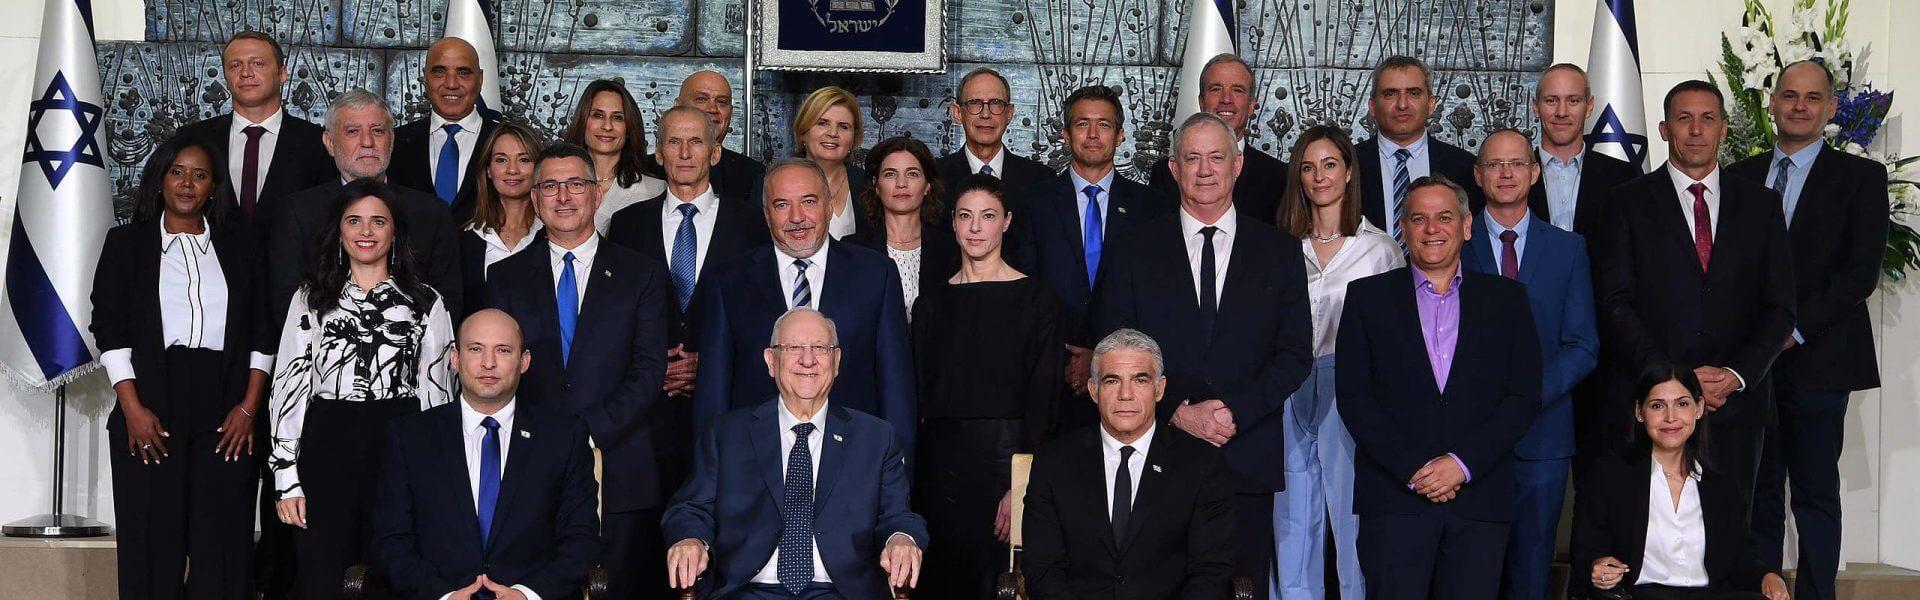 ממשלת ישראל השלושים ושש בבית הנשיא לצילום התמונה המסורתית בראשות נשיא המדינה ראובן ריבלין. יום שני, ד' בתמוז תשפ